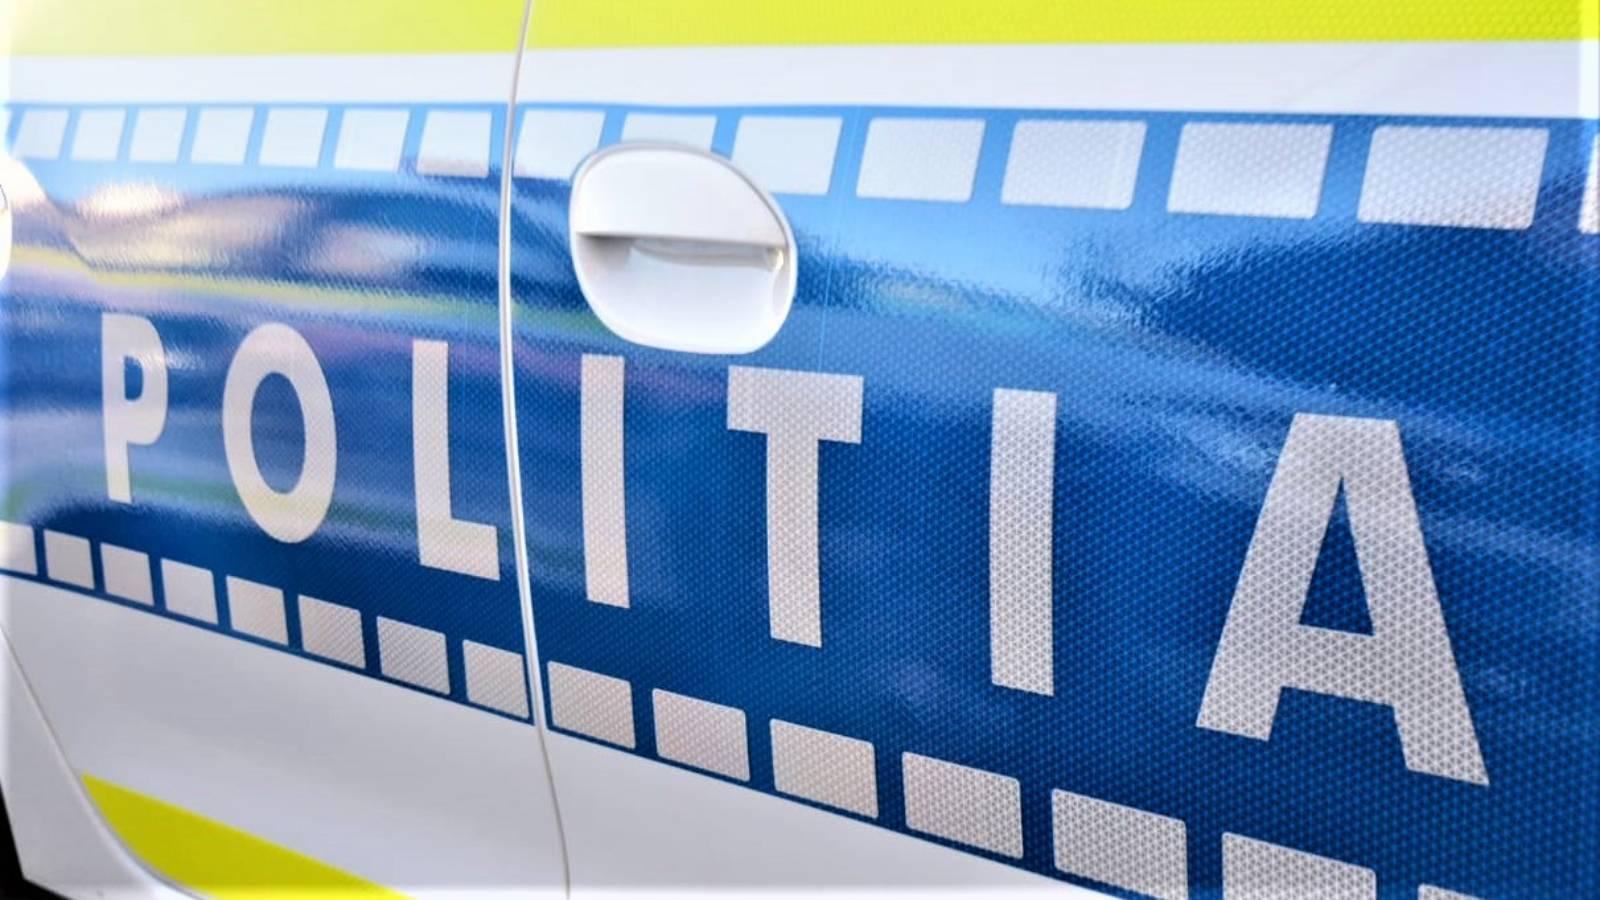 Avertizarea Politie Romane confiscari accidente rutiere